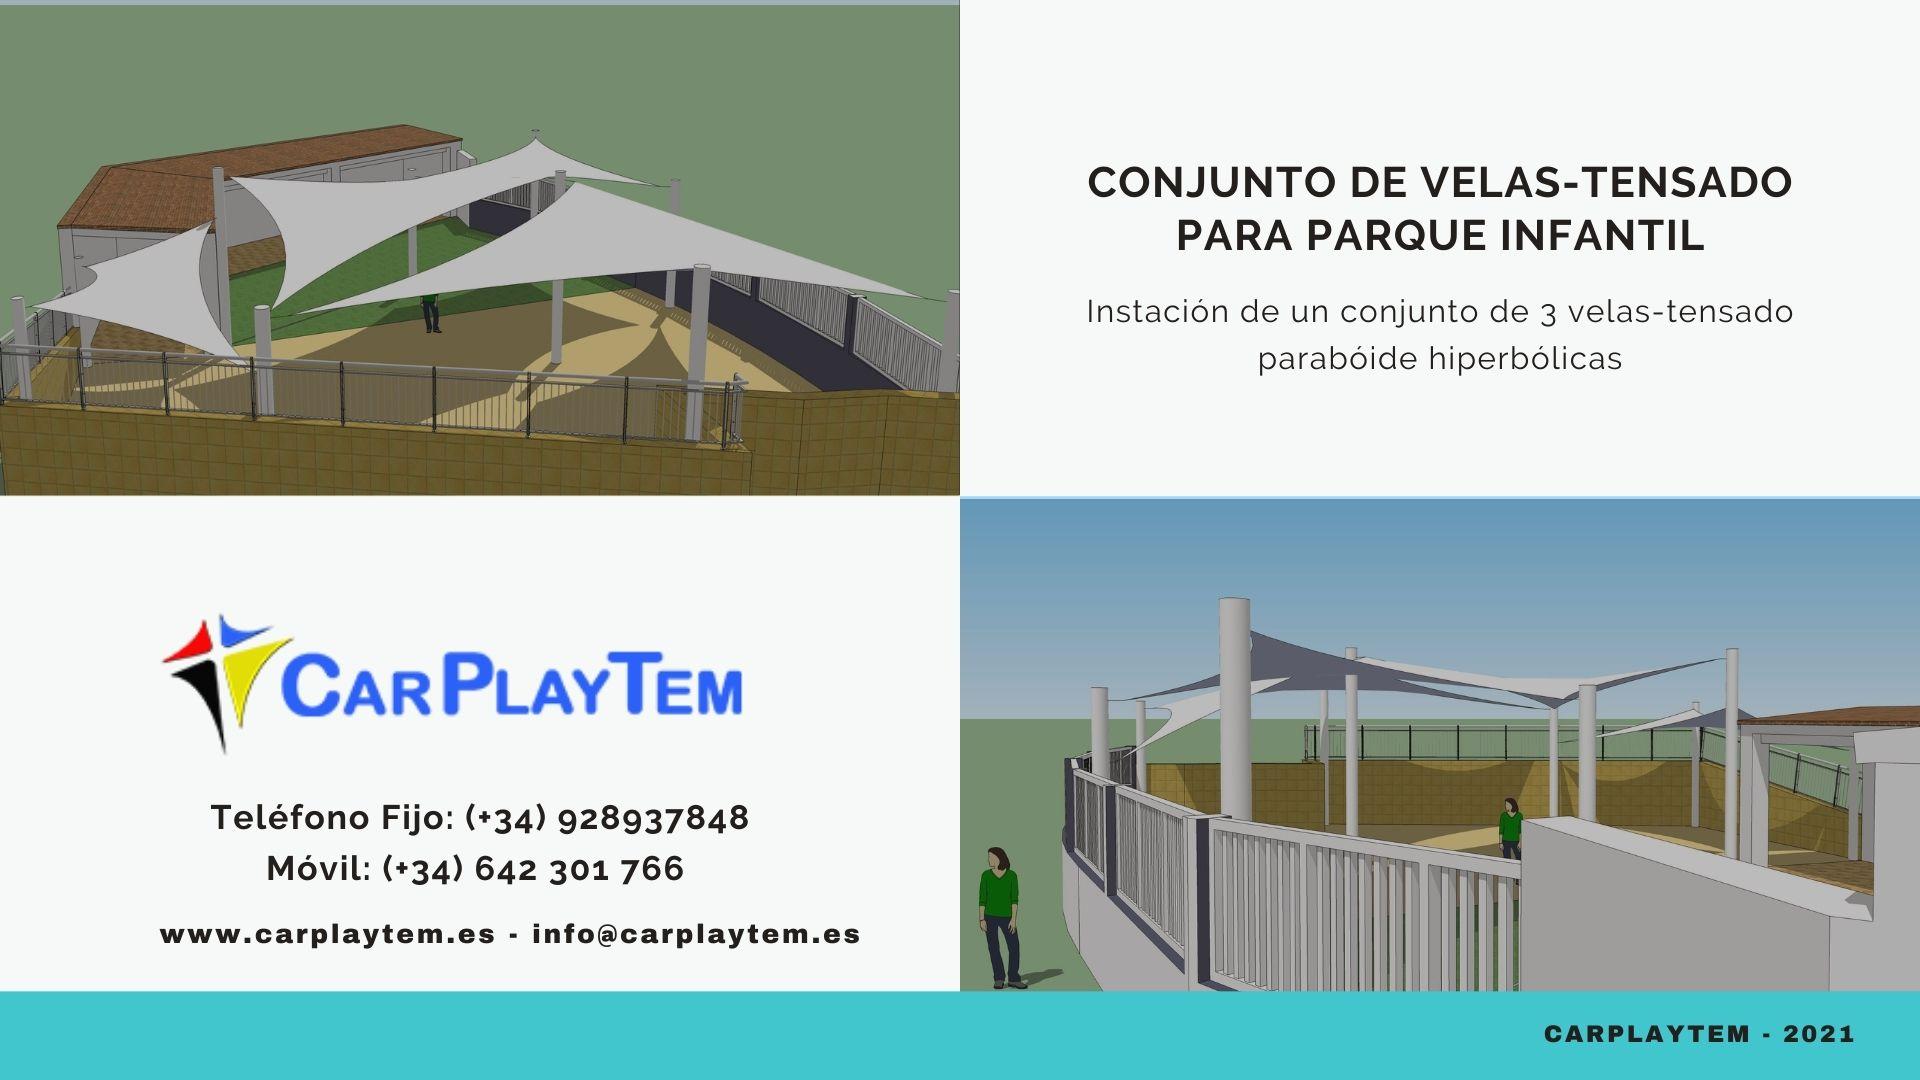 Conjunto de Velas-Tensado para parque Infantil - CarPlayTem